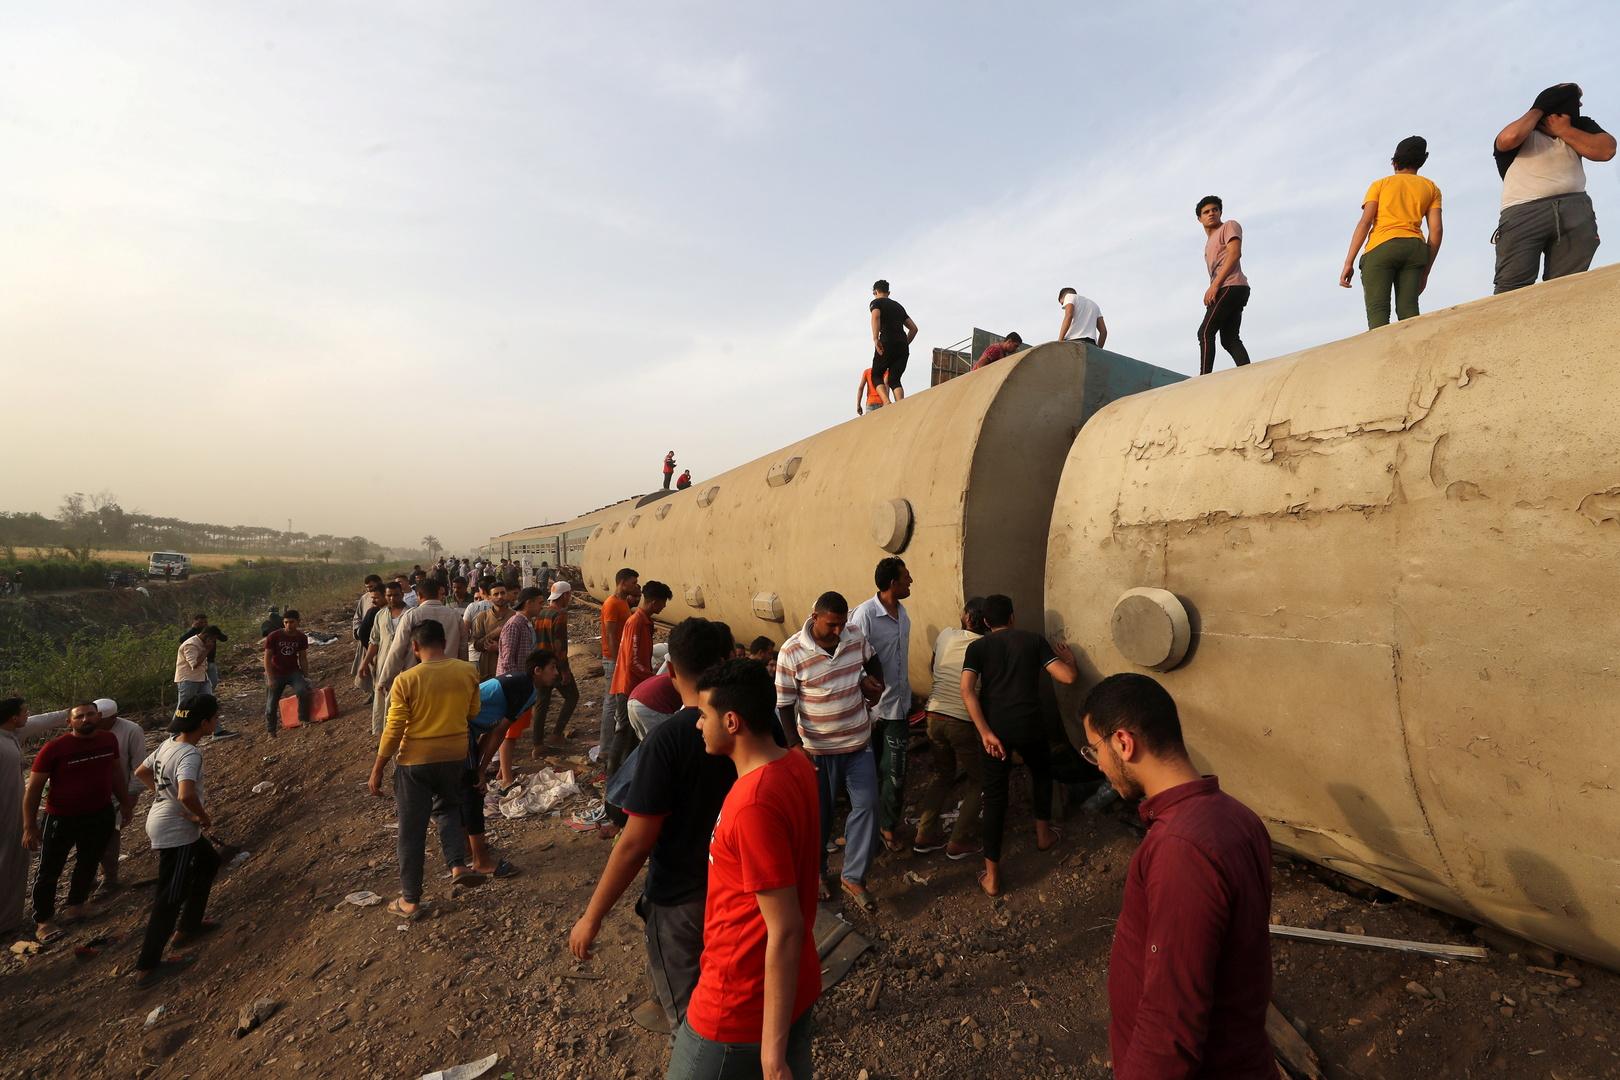 تغييرات كبيرة في هيئة السكك الحديدية بمصر بعد حادث قطار طوخ